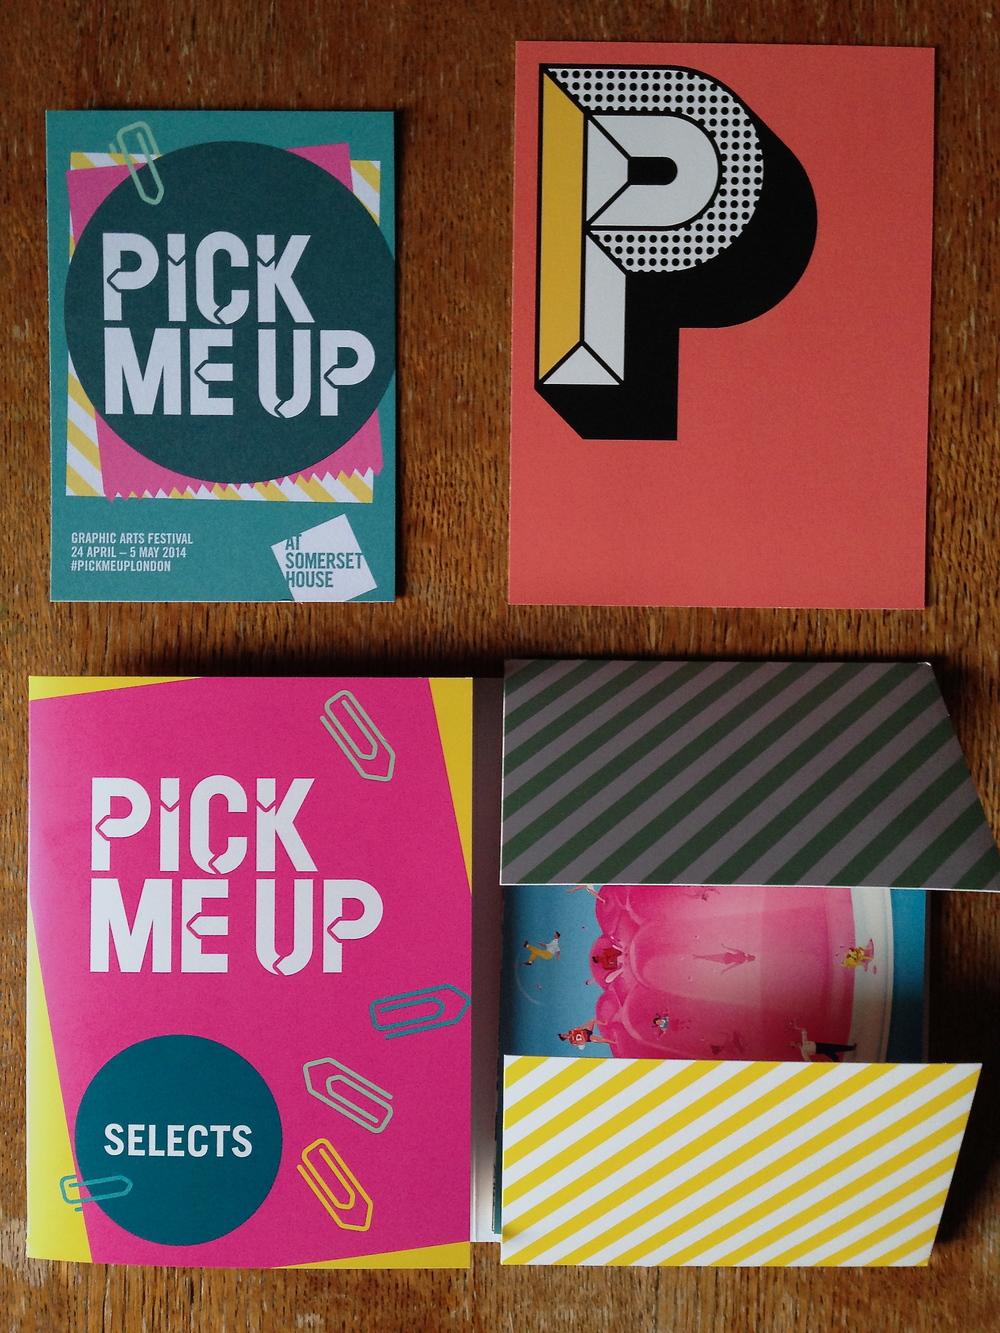 Maja Jones Blog post on Pick me up London